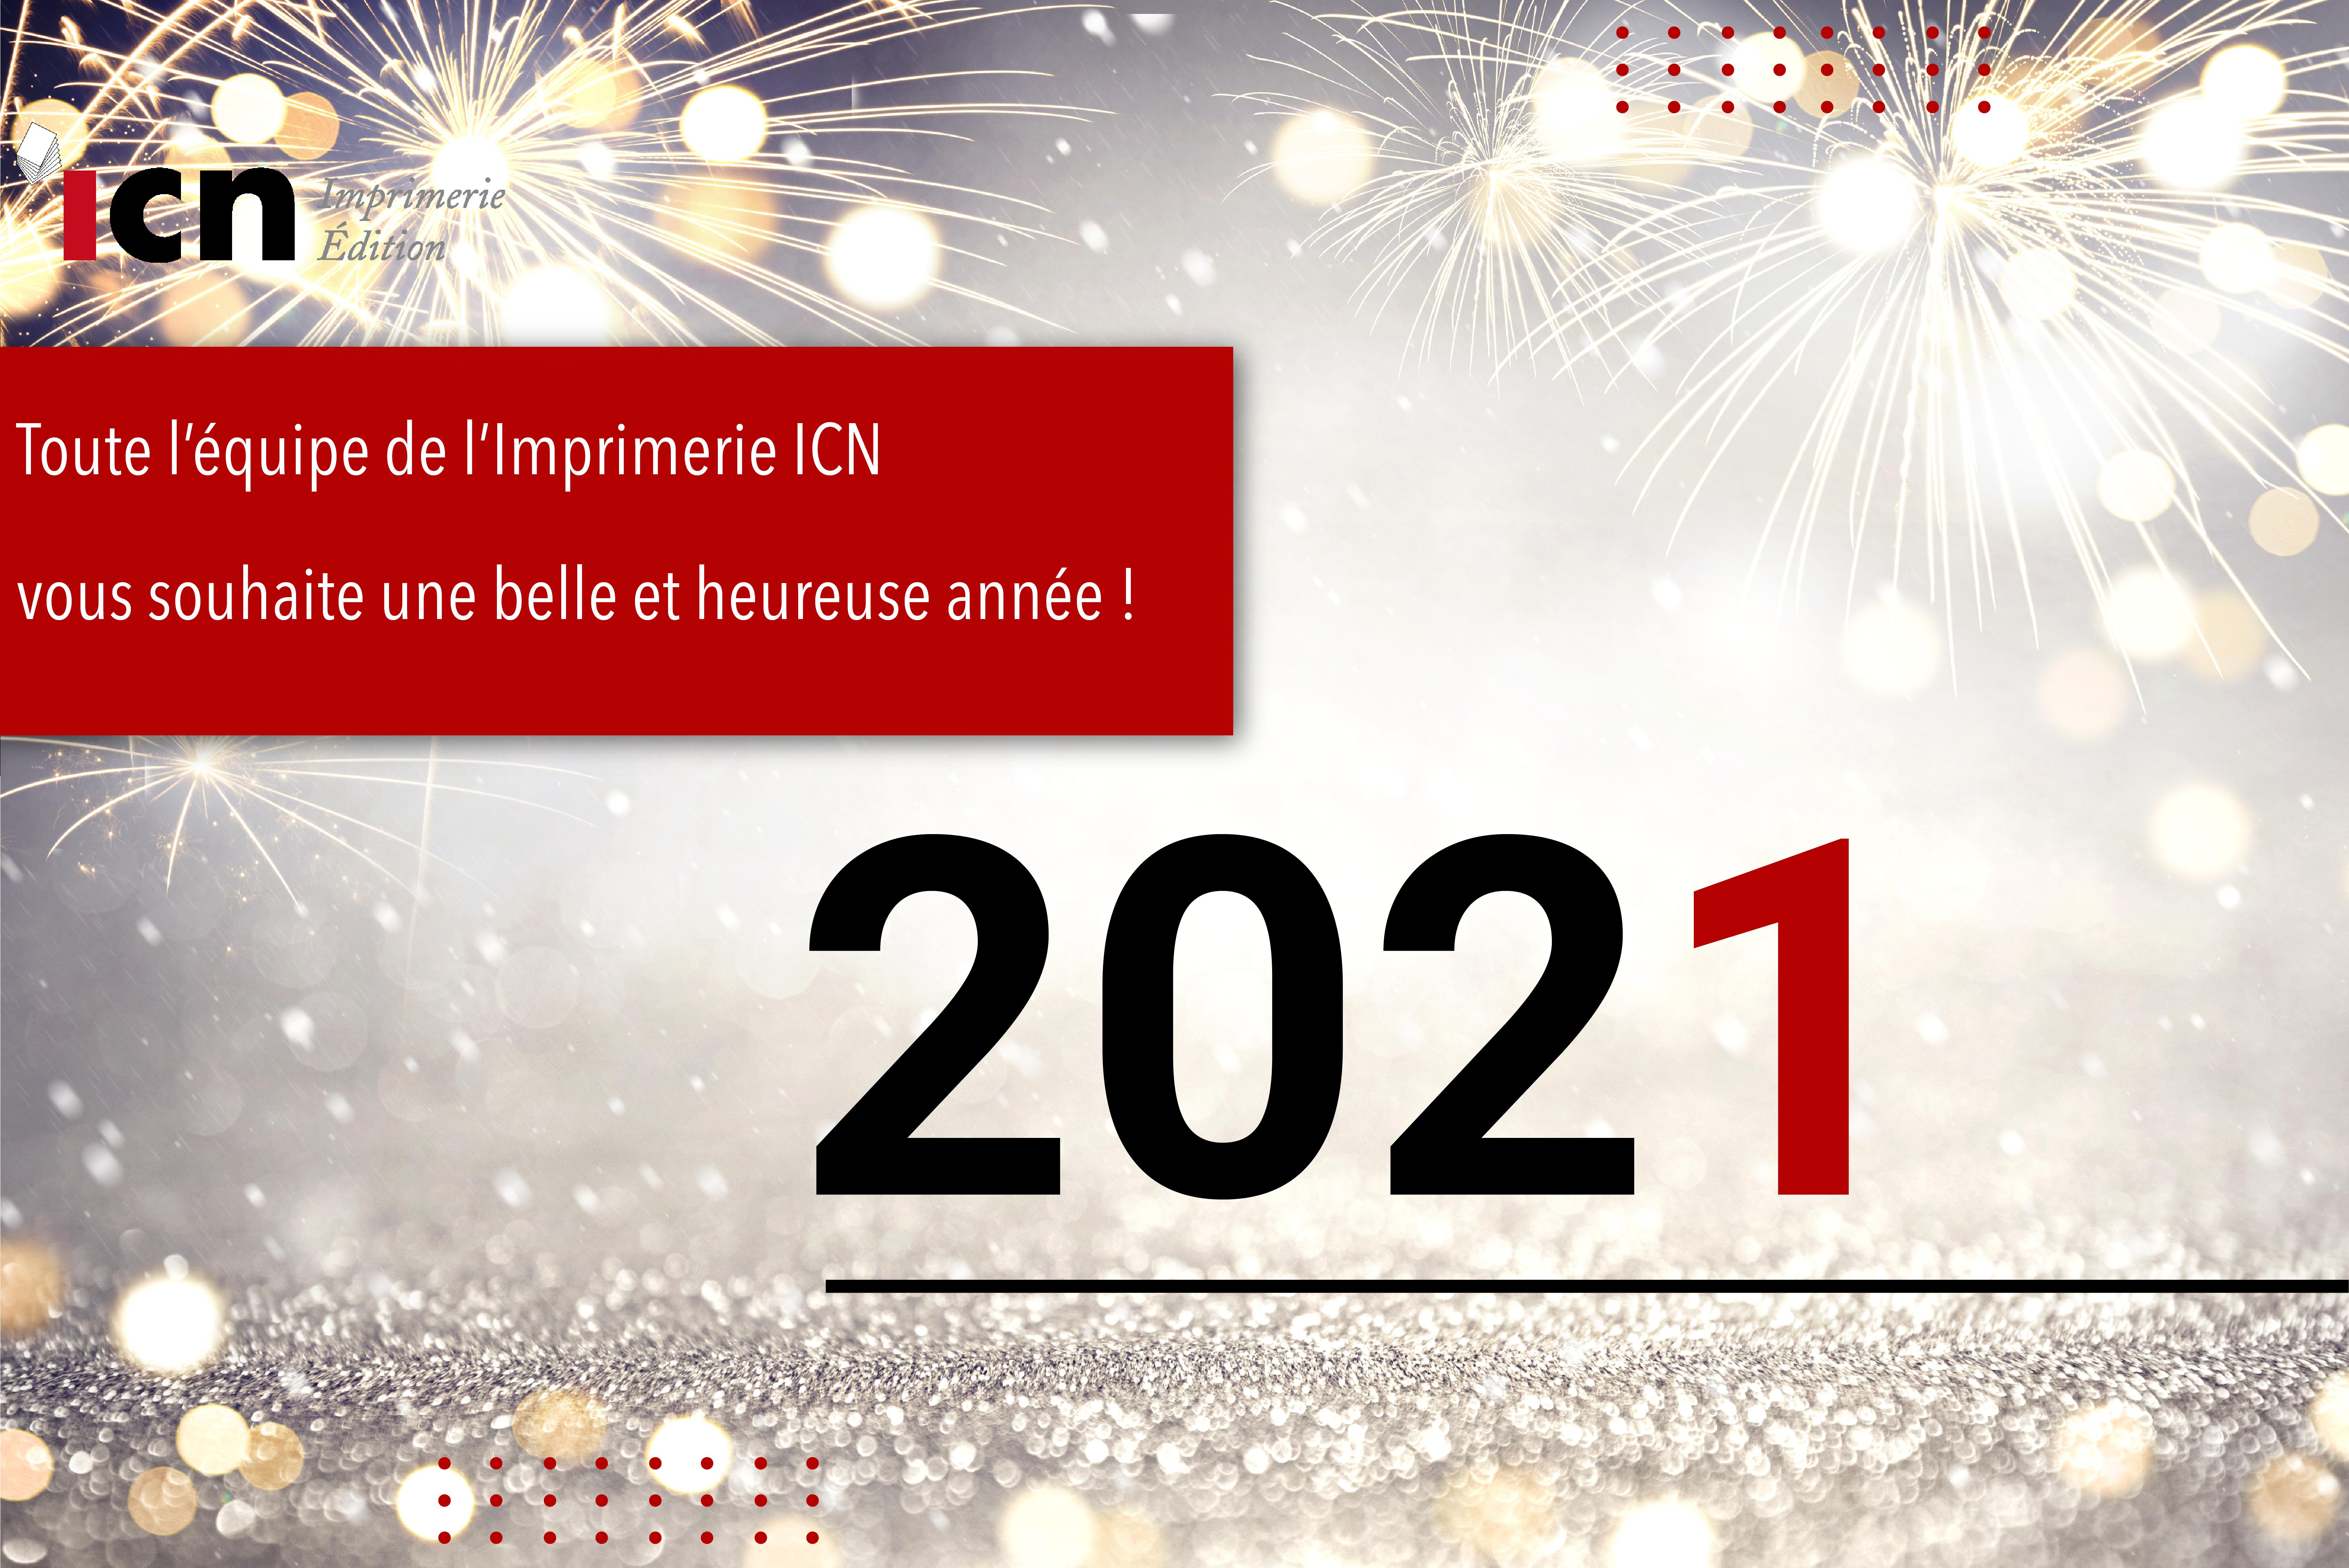 Bonne Année 2021 de la part de tout notre équipe